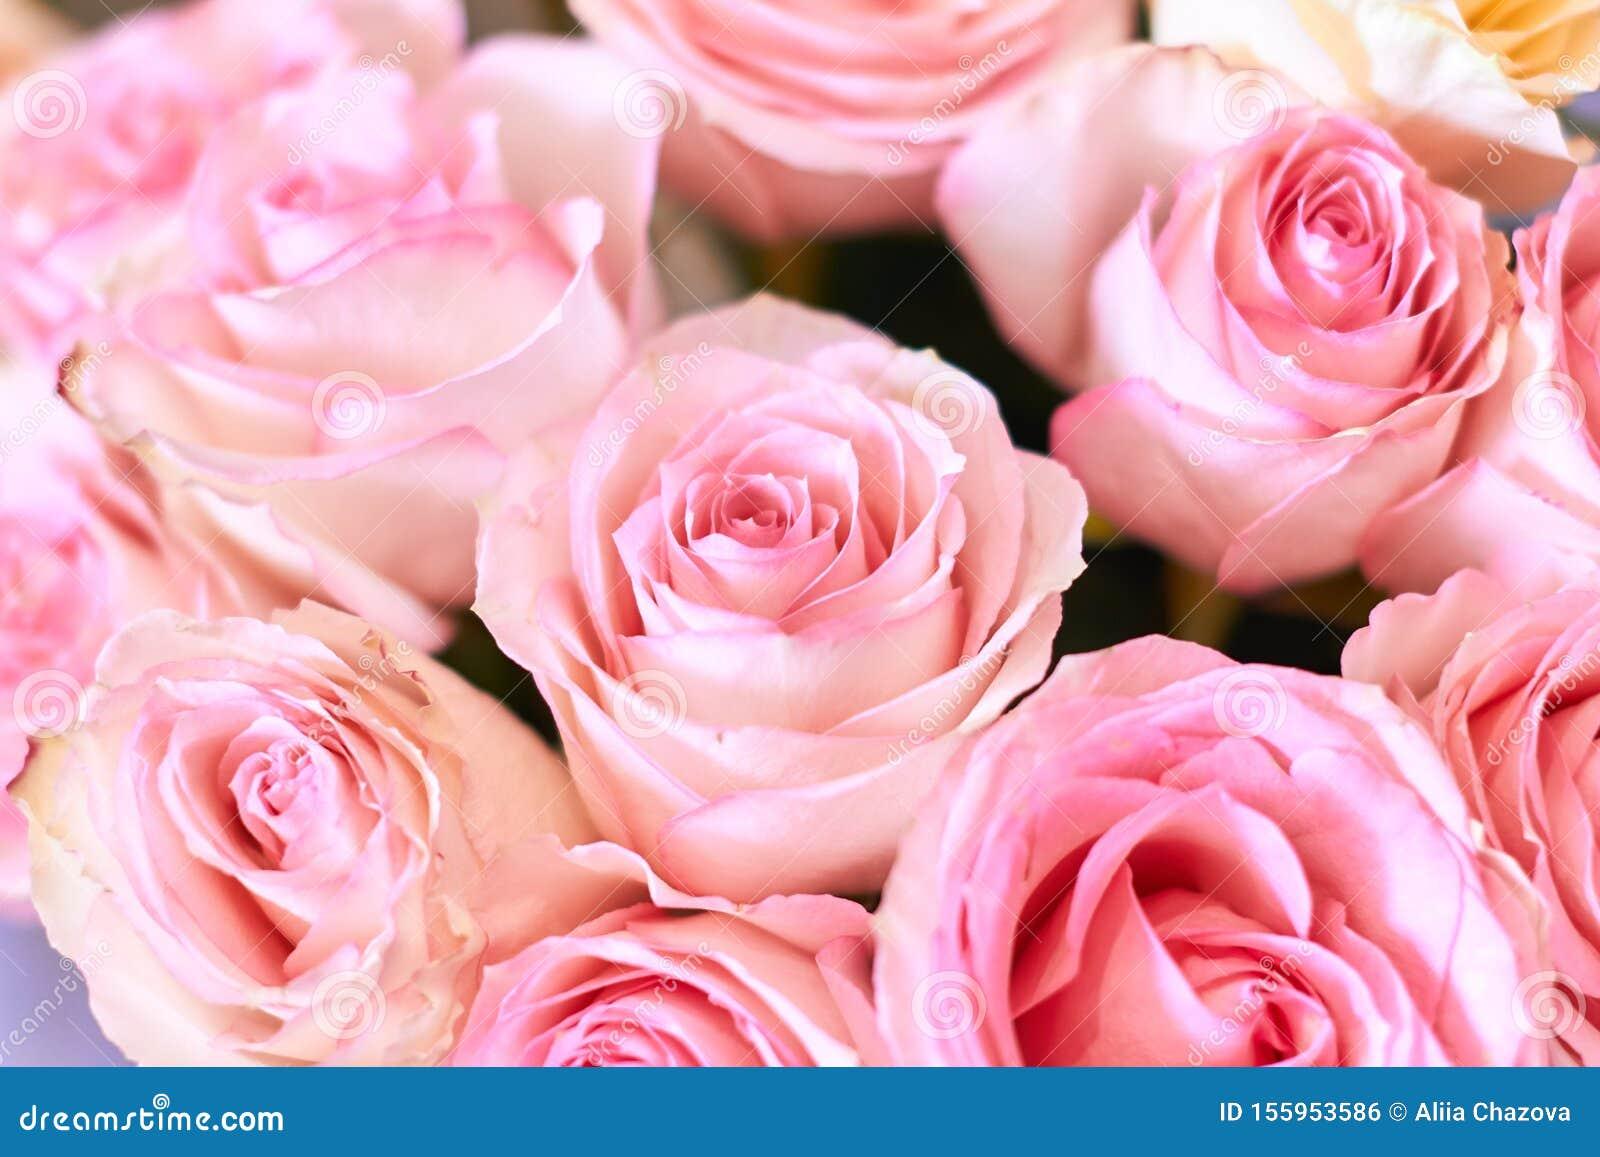 Background image of wonderful beautiful pink roses